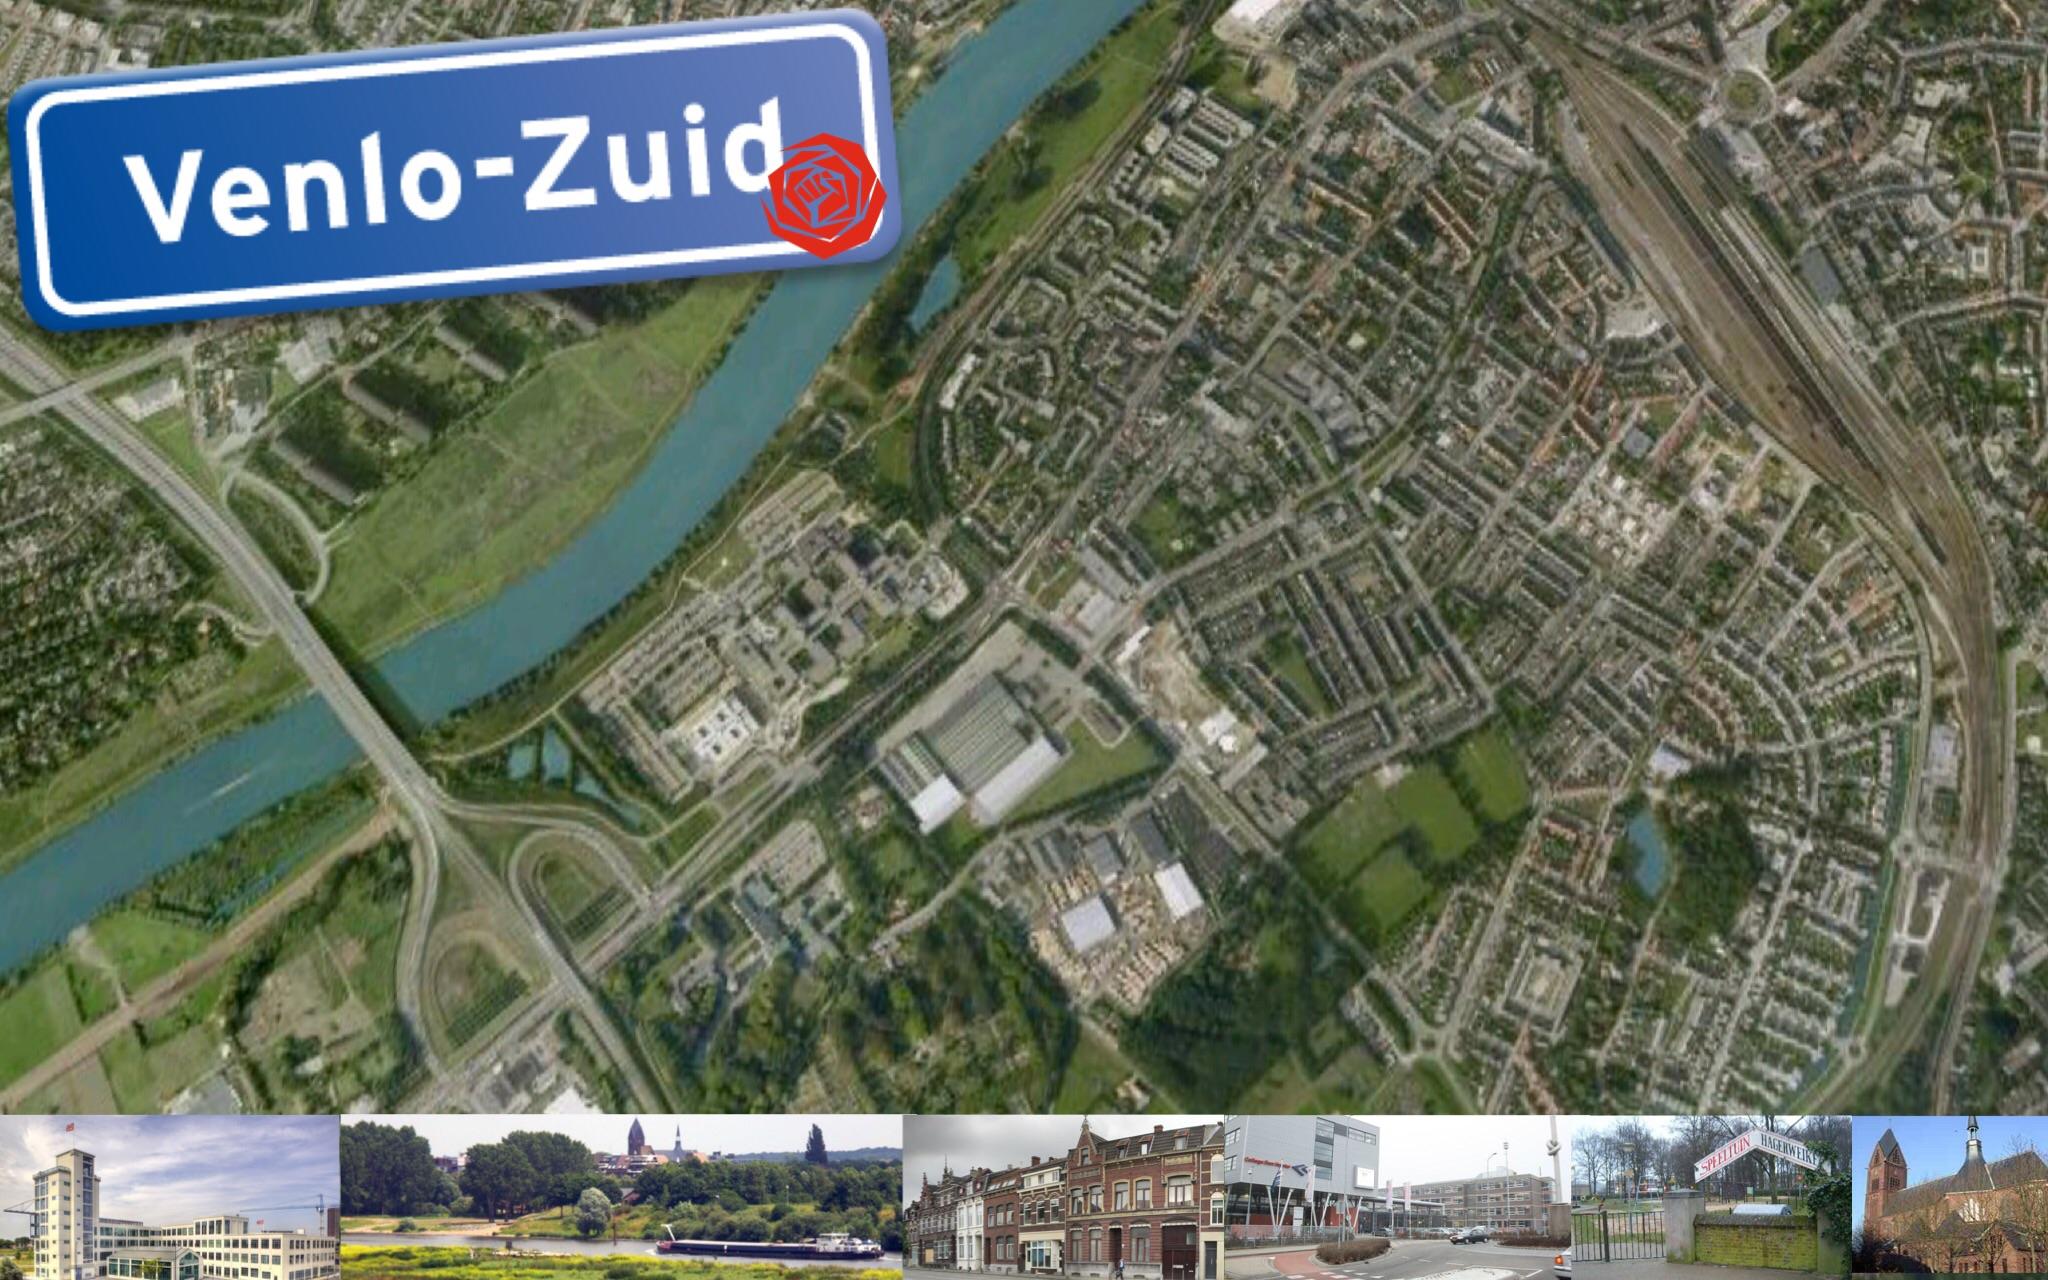 Met de wijkagent in Venlo-Zuid